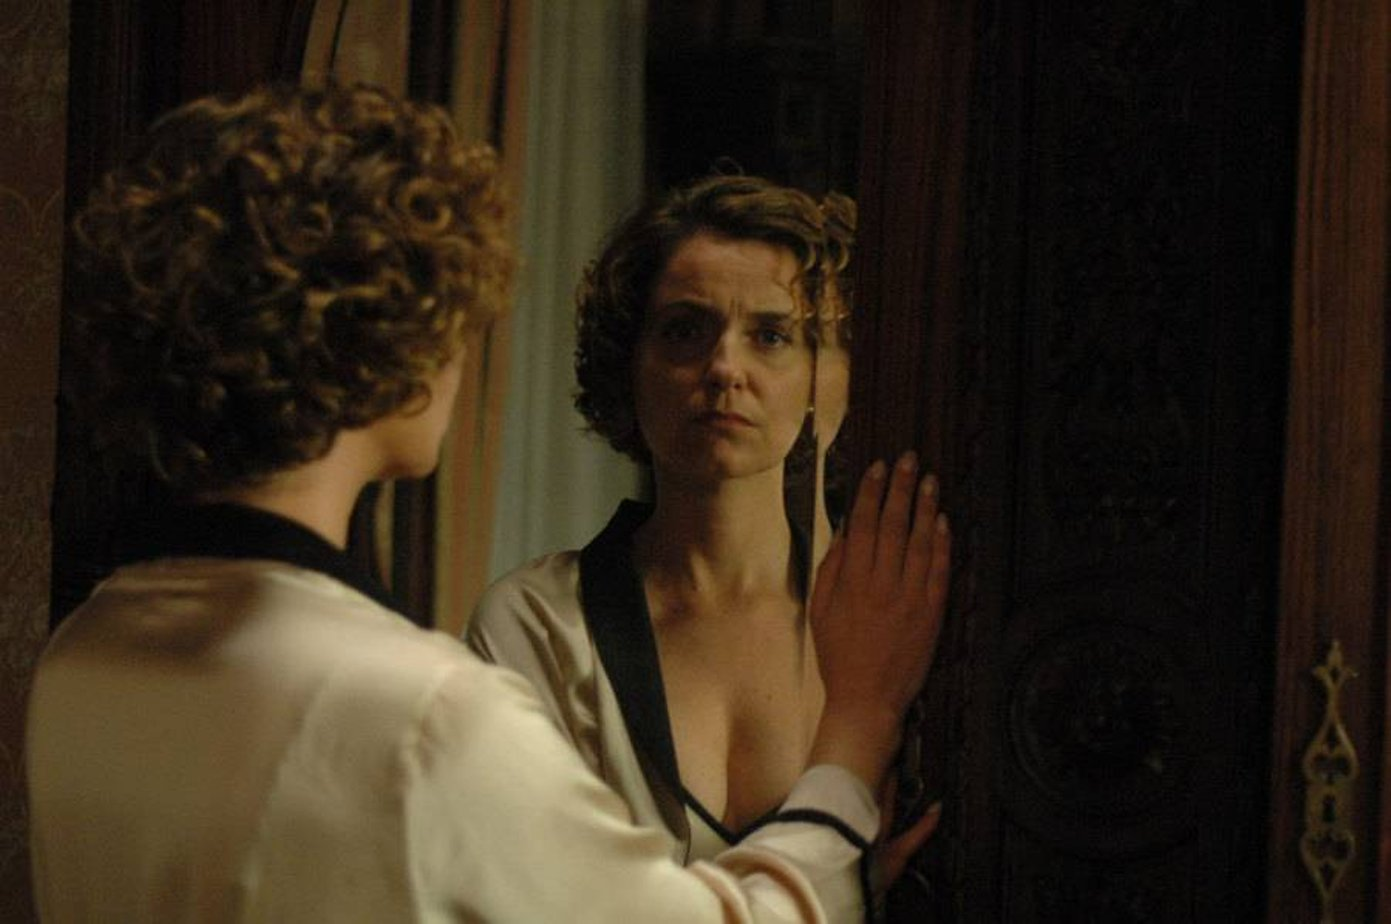 Порно фильм волшебное зеркало смотреть онлайн фотоография